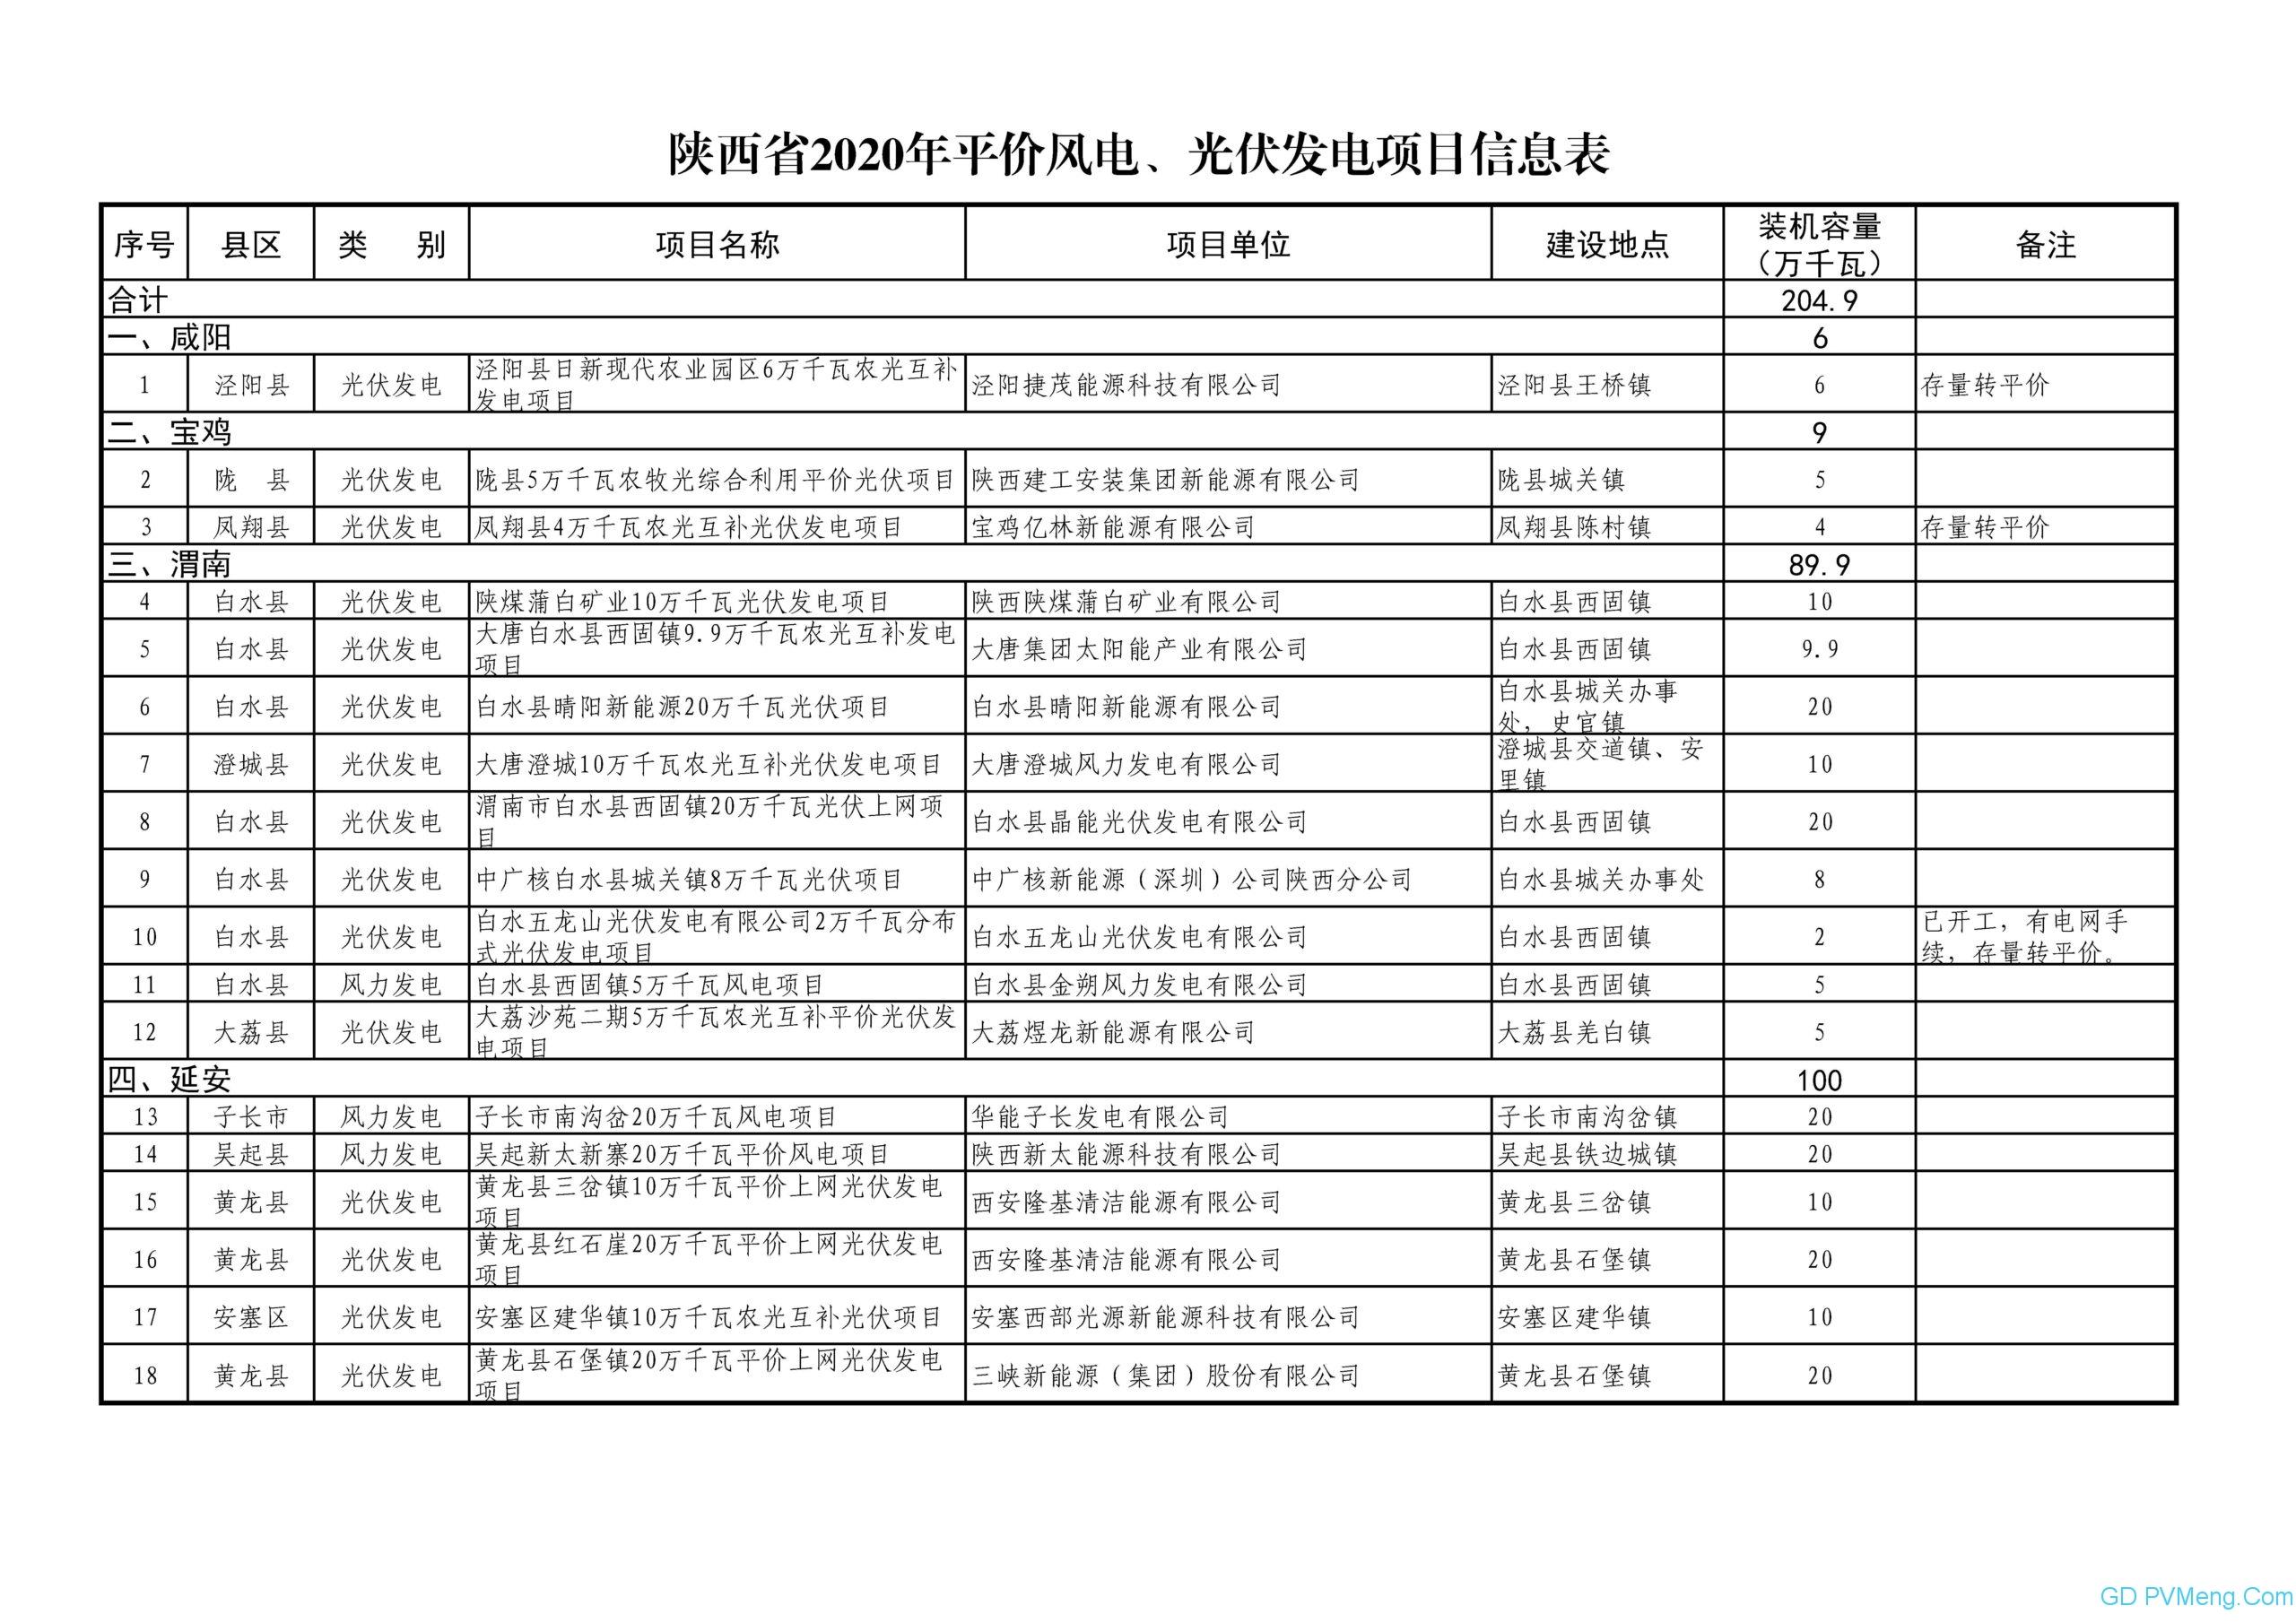 陕西省发改委关于陕西省2020年度平价风电、光伏发电项目的公示20200430